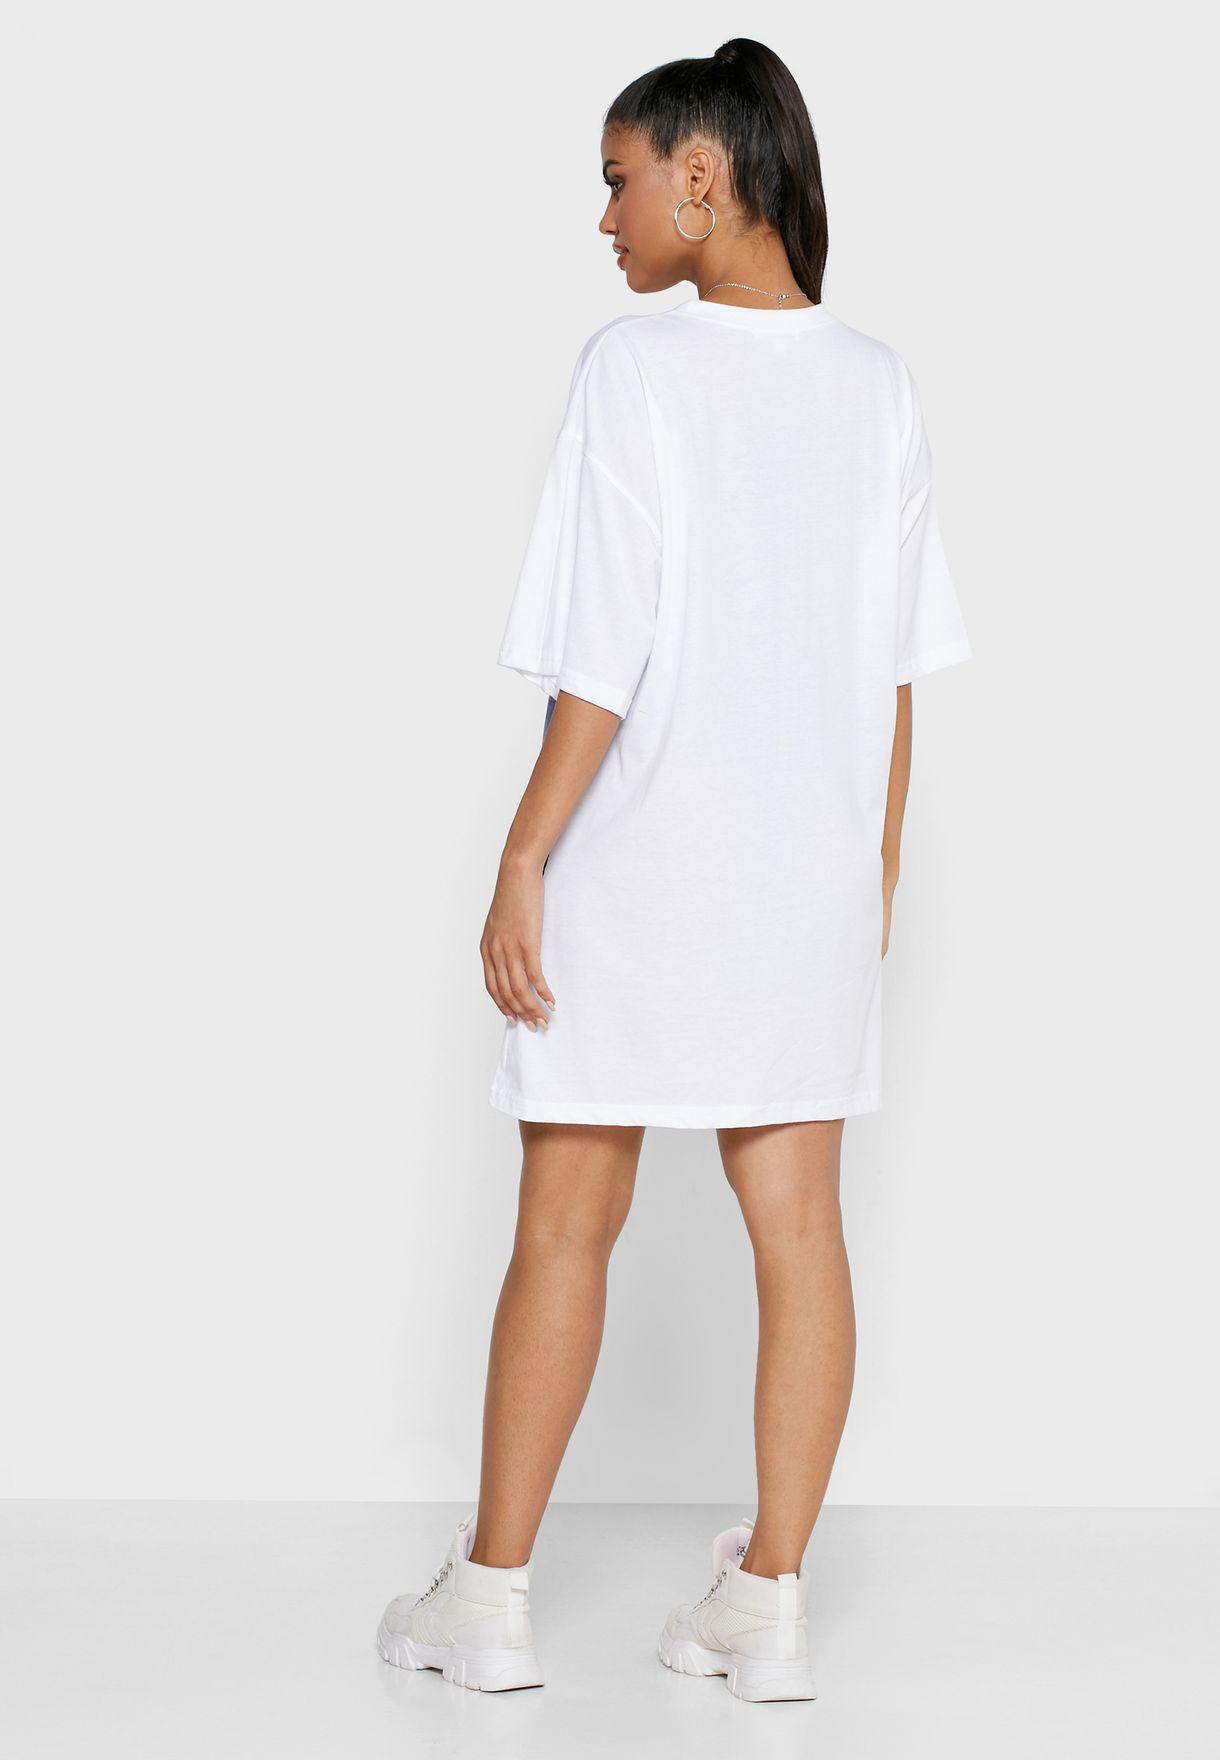 فستان فضفاض مزين بجرافيك